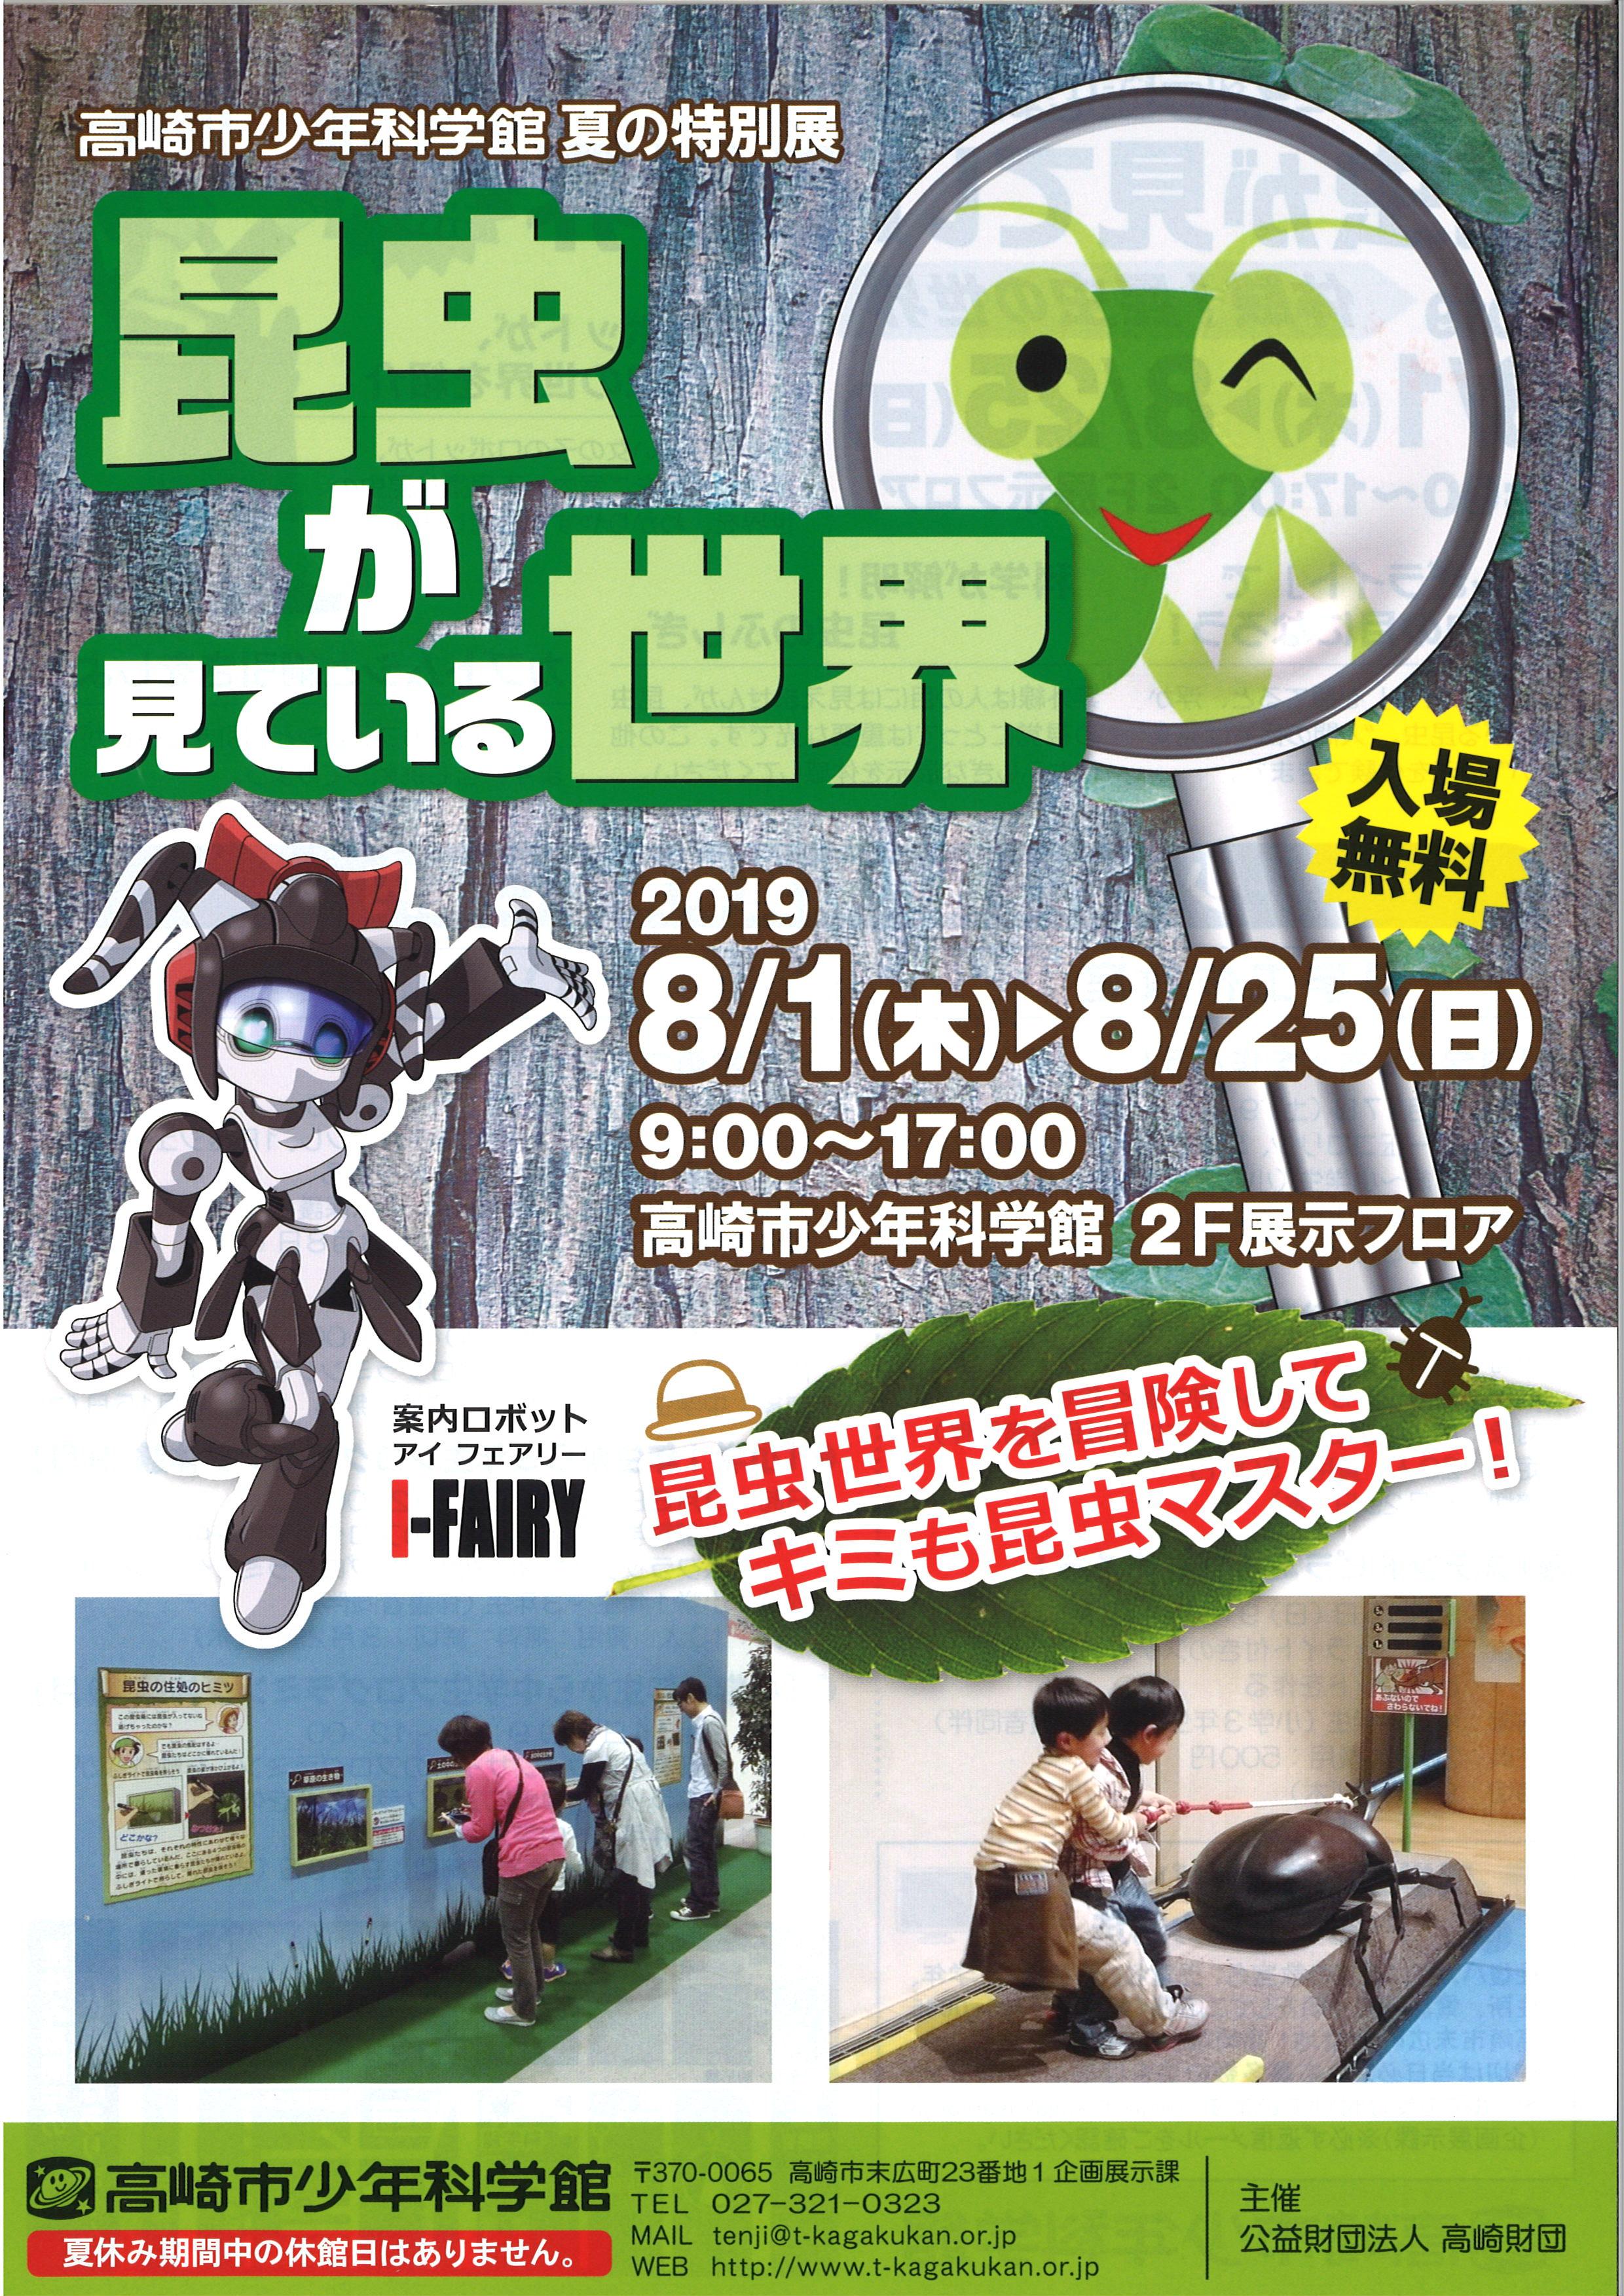 夏休みイベント 高崎市少年科学館 昆虫が見ている世界